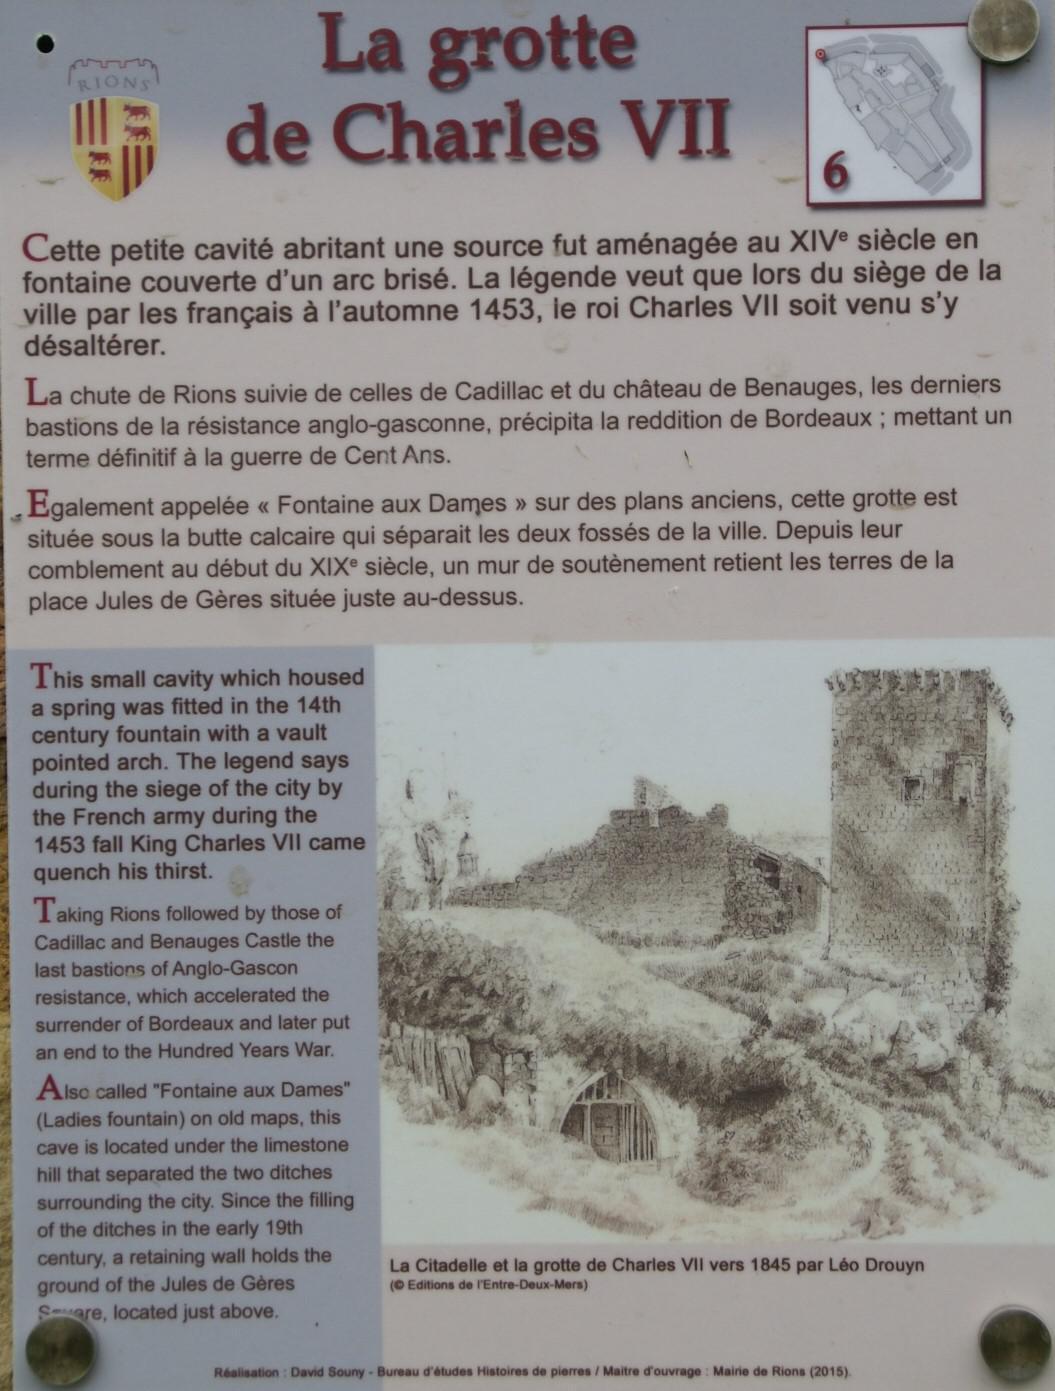 La Citadelle et la grotte Charles VII